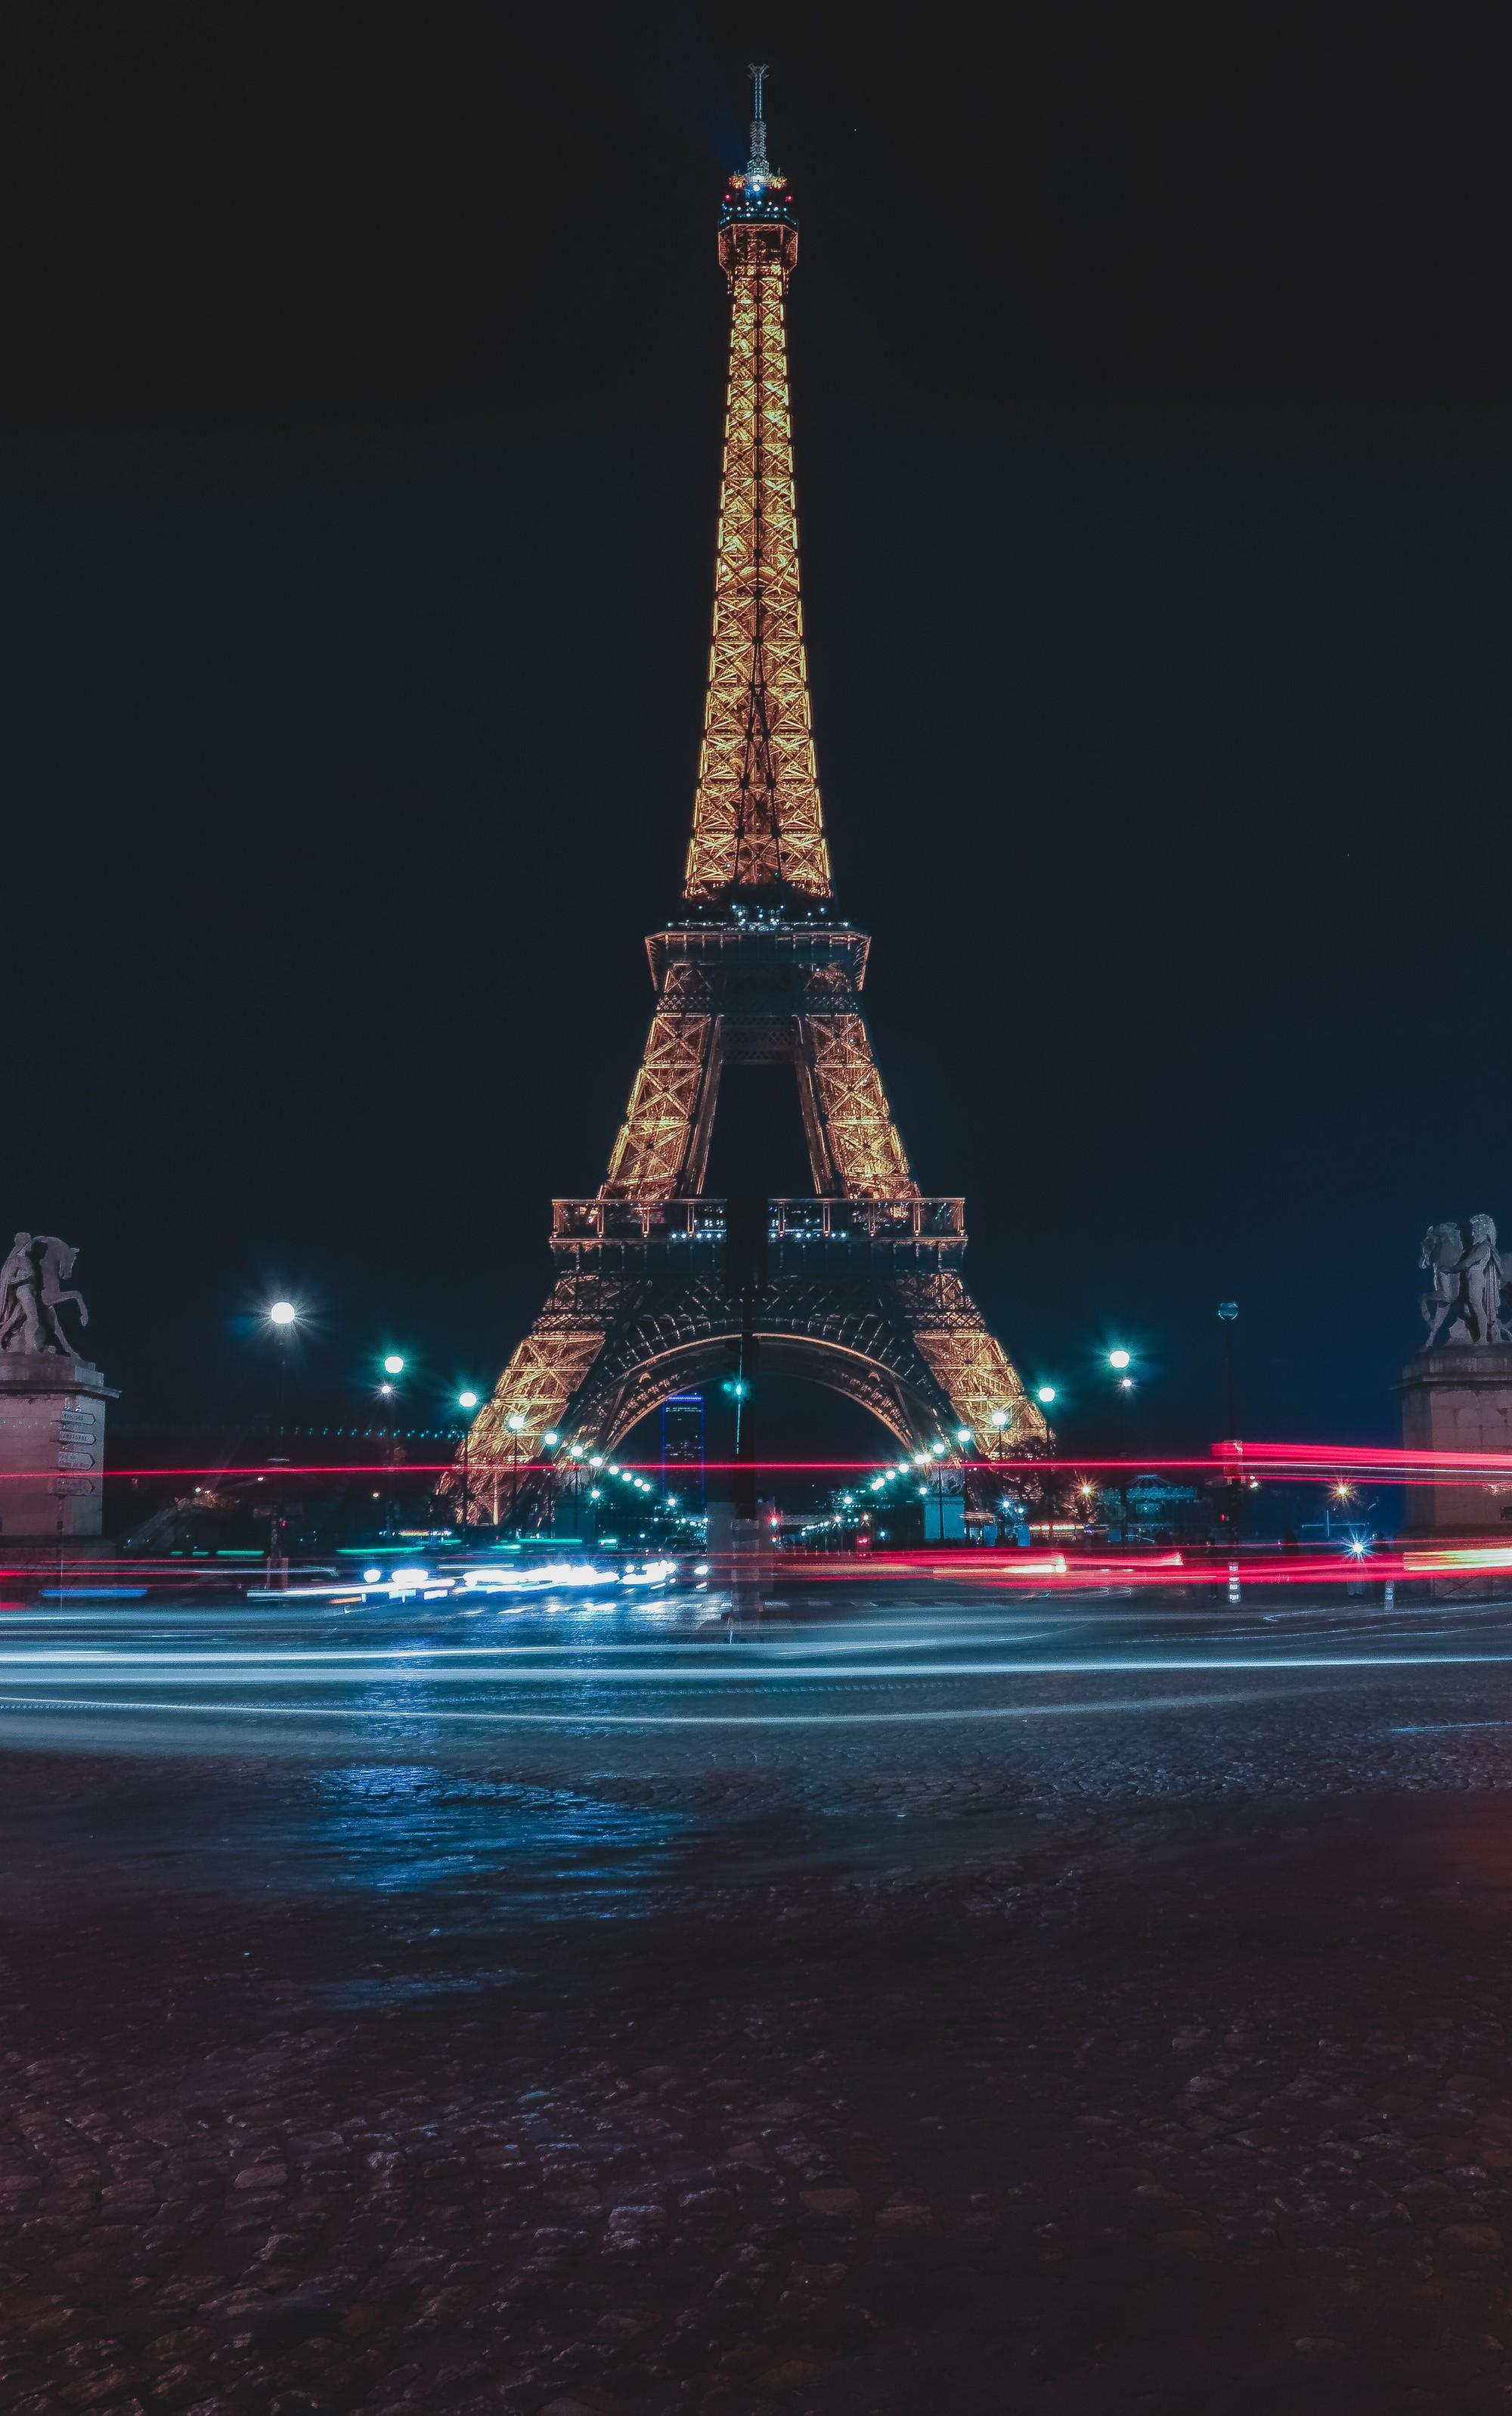 Chụp hình tháp Eiffel vào buổi tối có thể khiến bạn... bị kiện ra toà, và đây là lí do! - Ảnh 1.